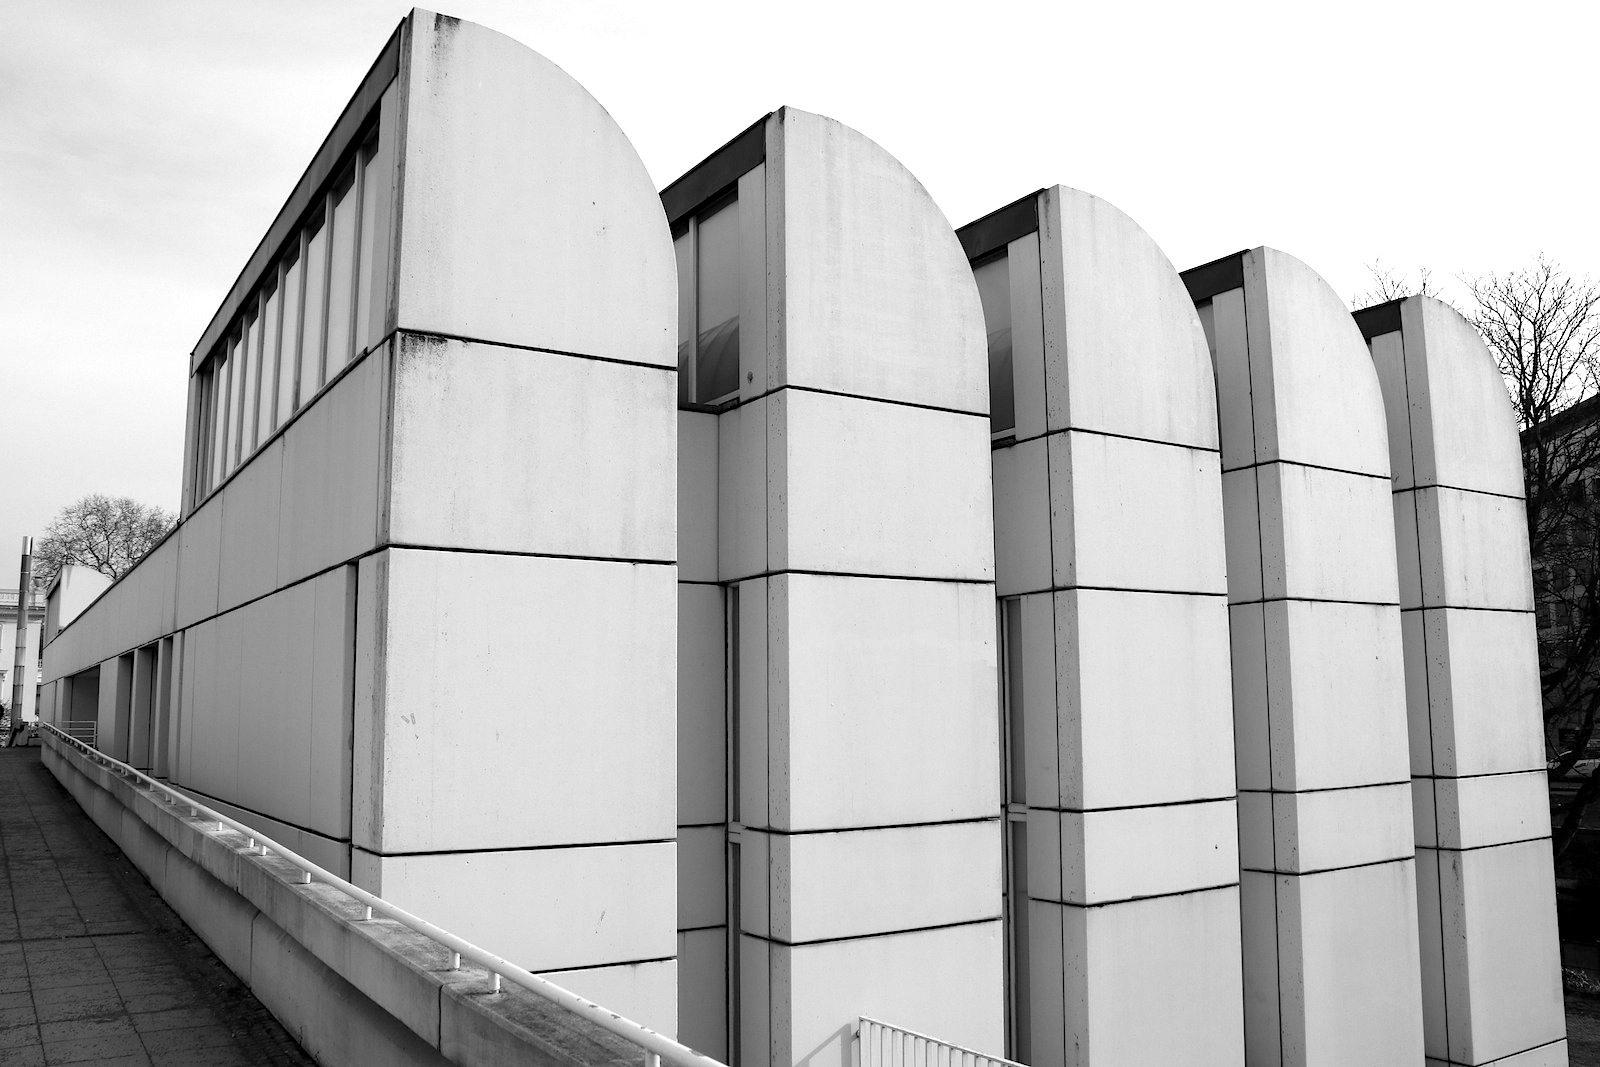 Jan Dimog Bauhaus Archiv / Museum Für Gestaltung. Ist Angesichts Der Guten  Besucherzahlen Längst Zu Klein